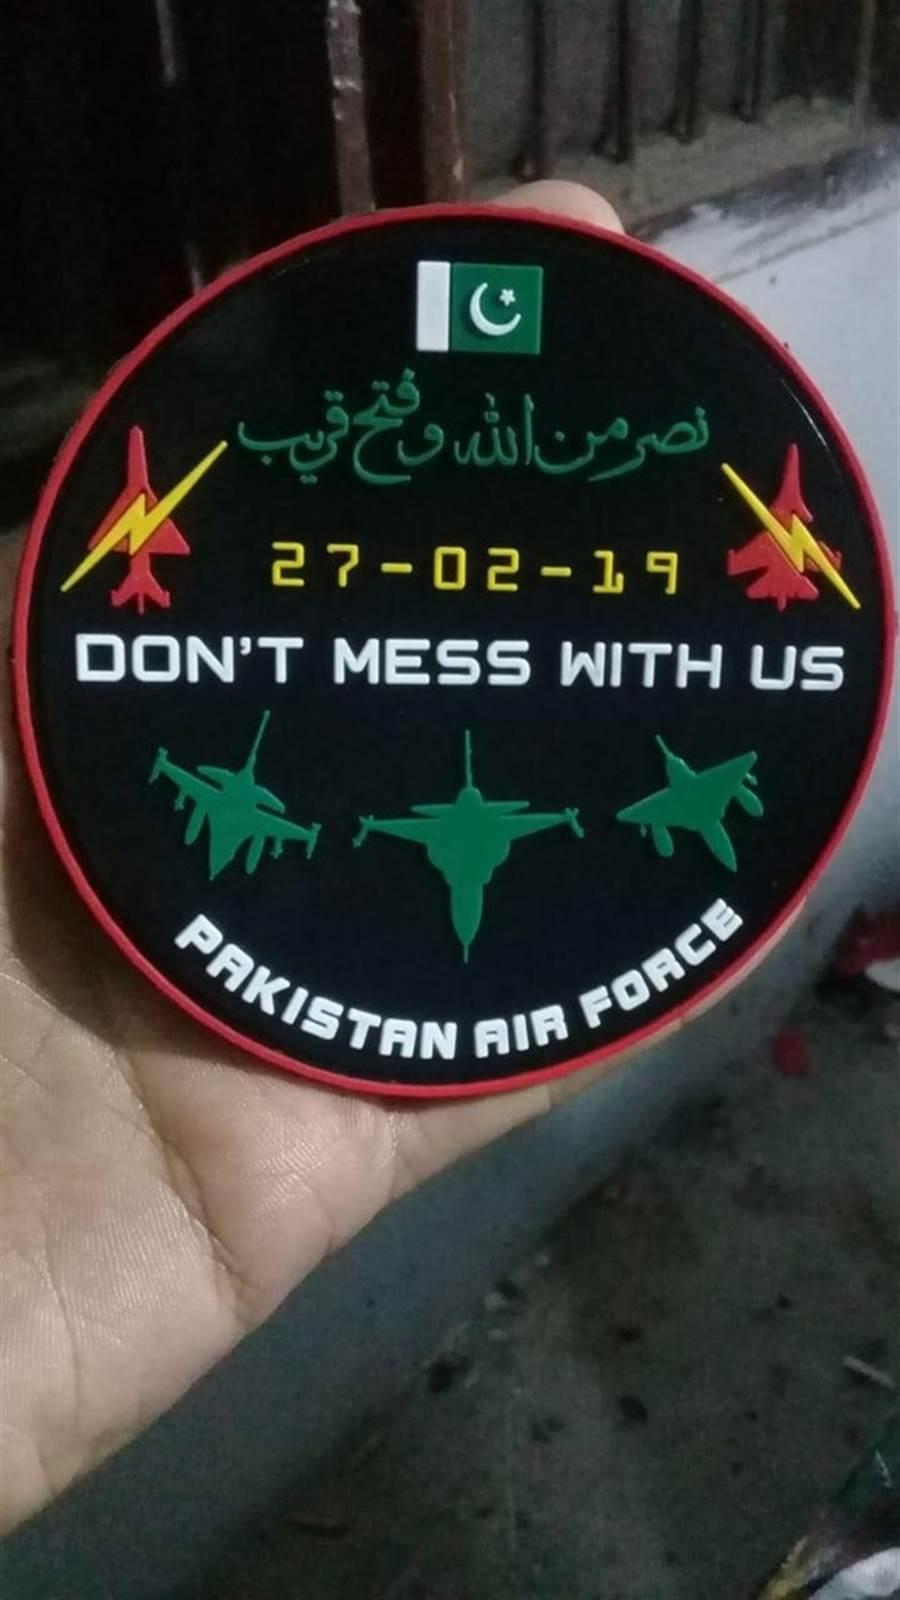 巴基斯坦非官方臂章,寫著「別惹我們」。(圖/fighterjetsworld)